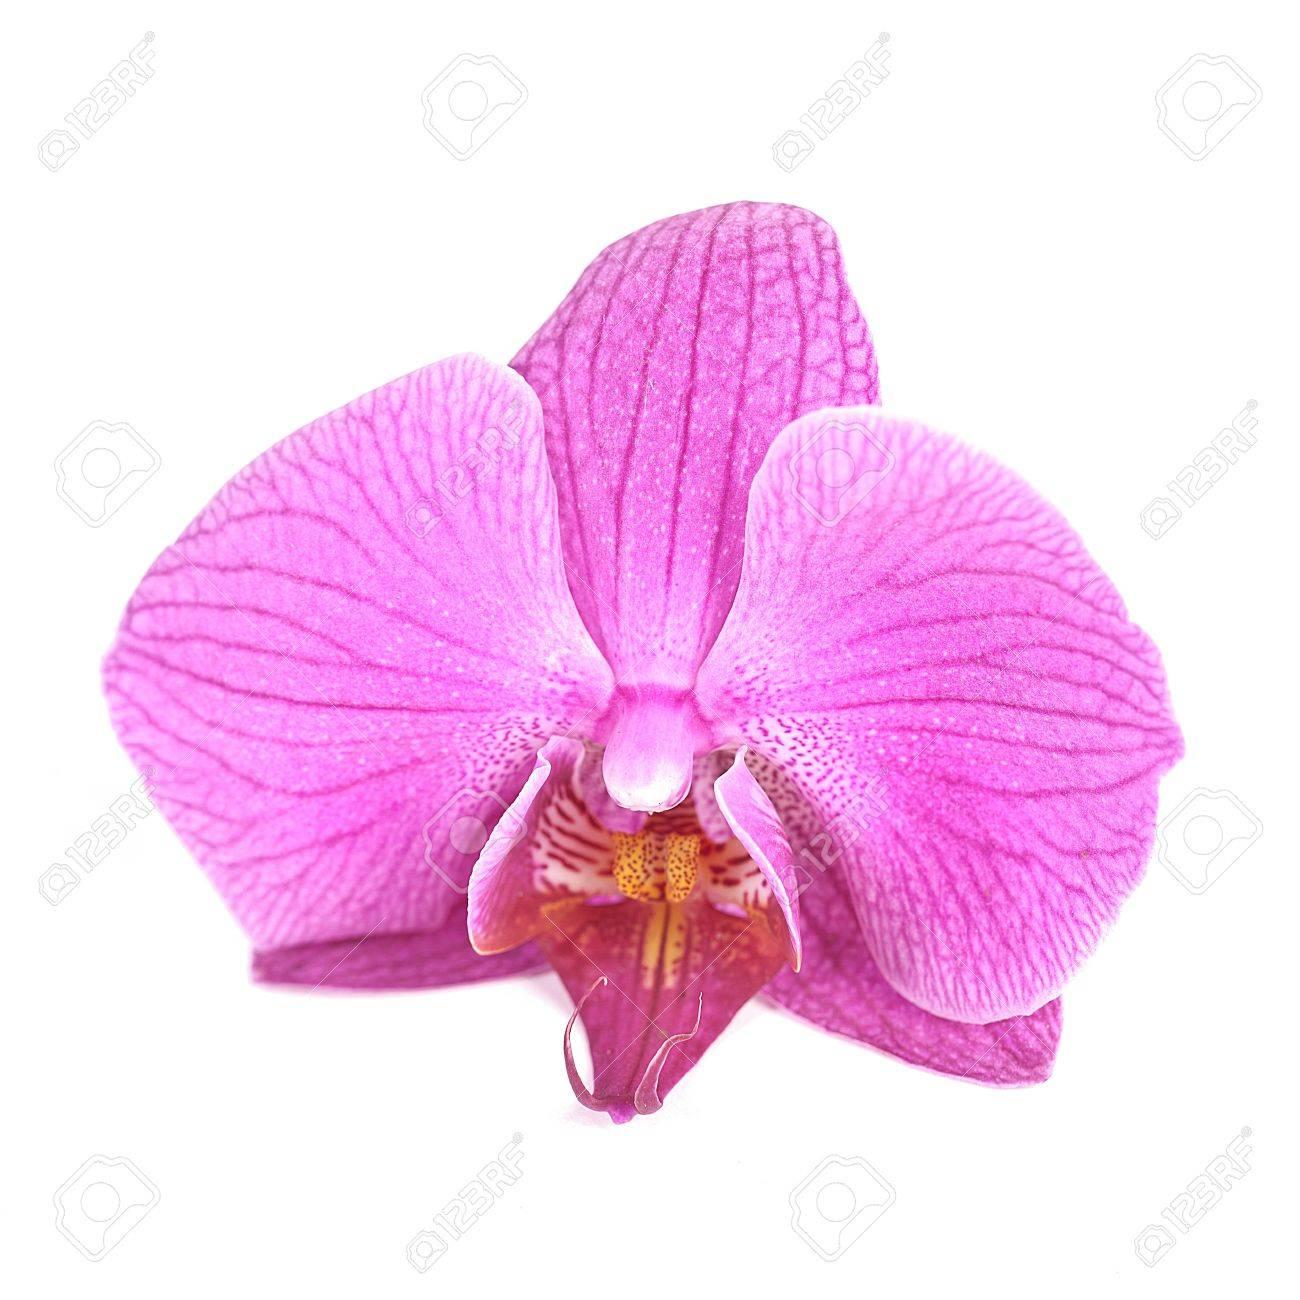 Orchidee Orchidees Rose Petale De Fleur Zen Flore Fleur De